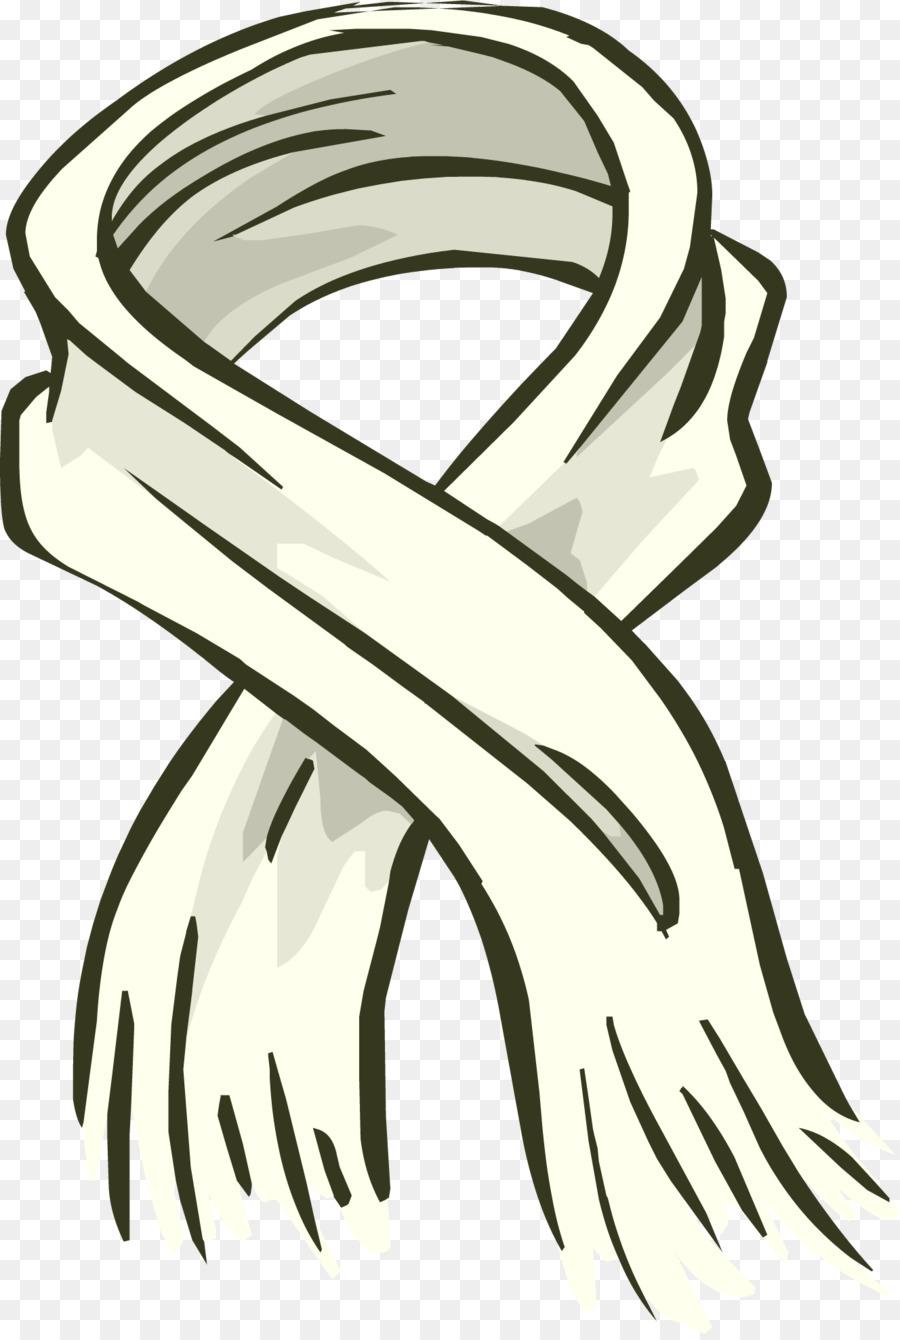 каждой модели картинки шарфиков для рисования паху входят